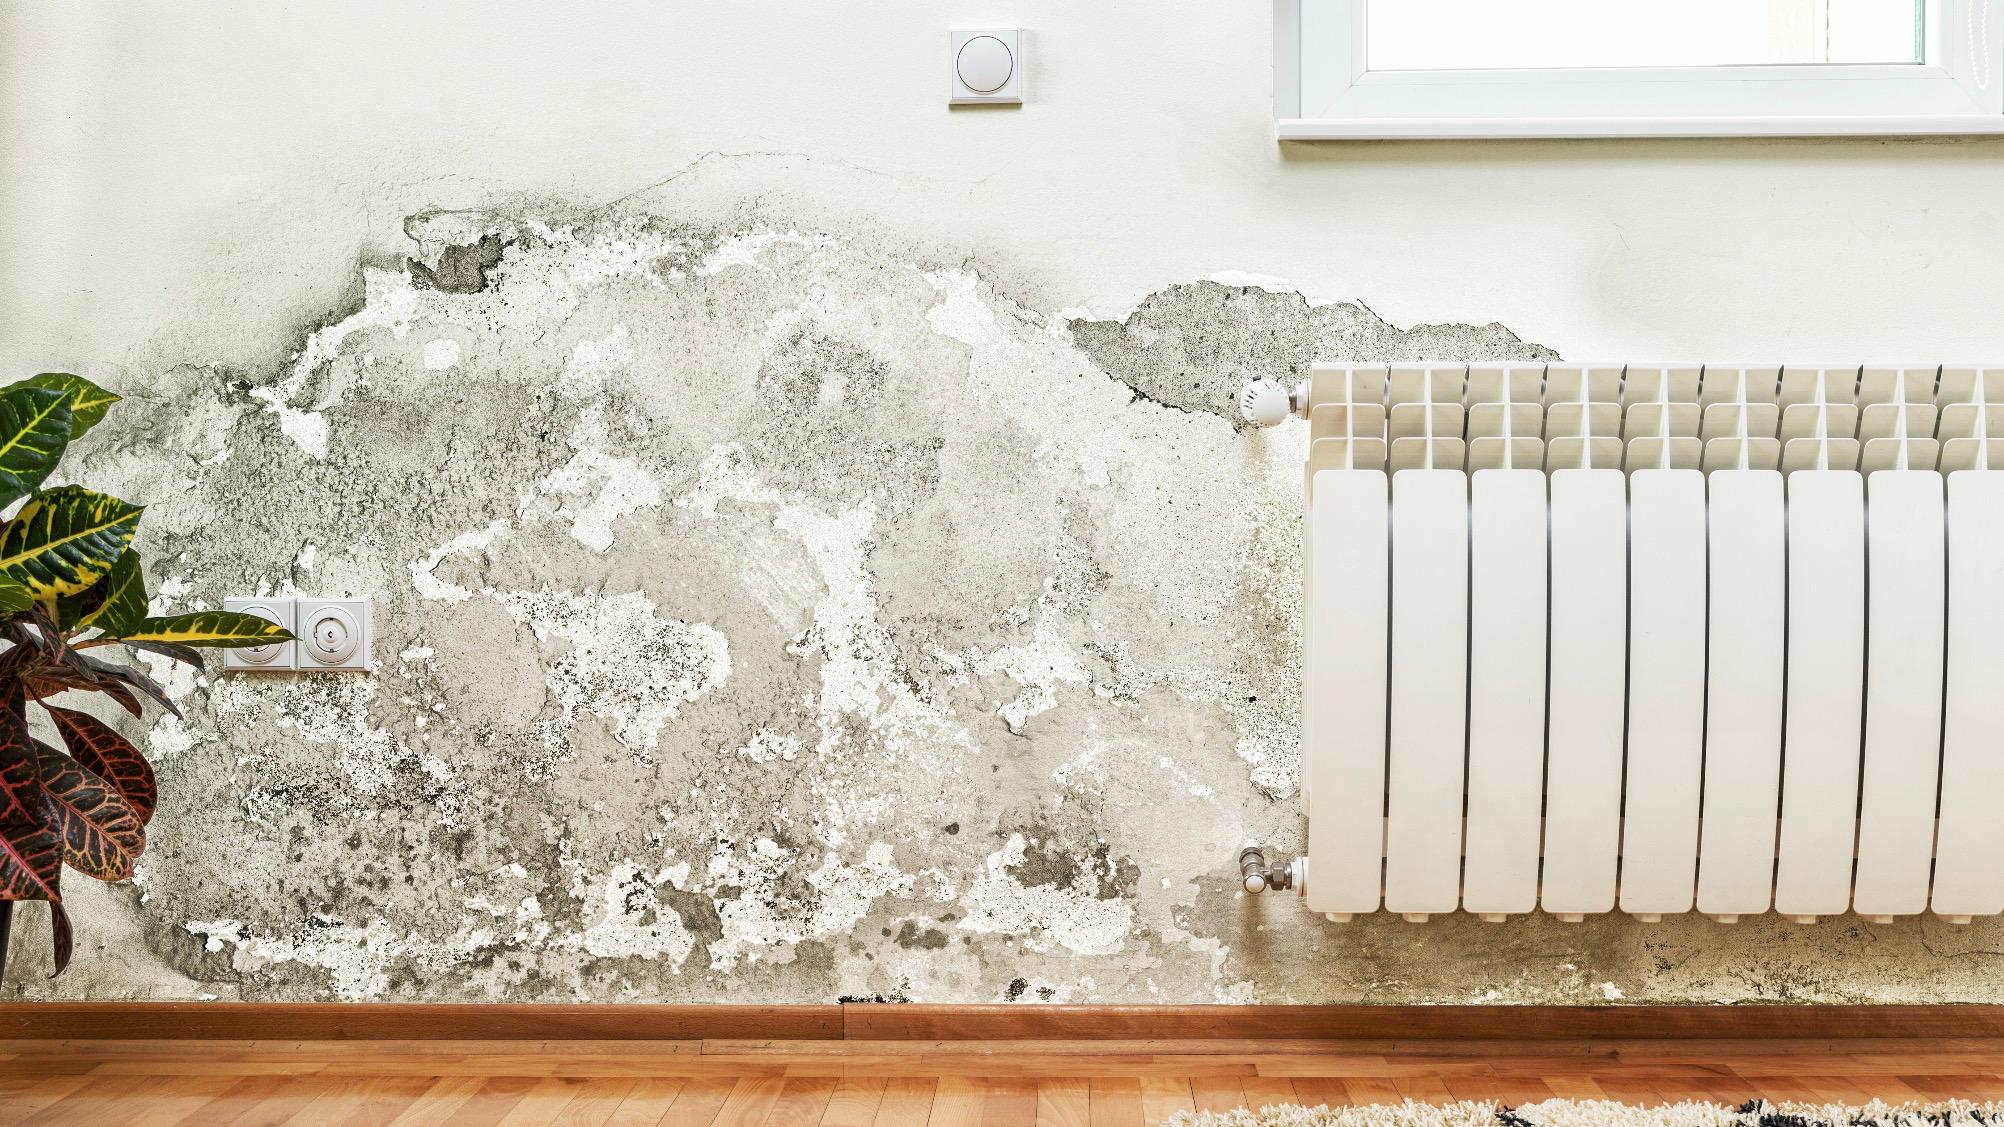 schimmel entfernen stoff amazing schimmel im bad entfernen reinigen versuch mit zironensure. Black Bedroom Furniture Sets. Home Design Ideas